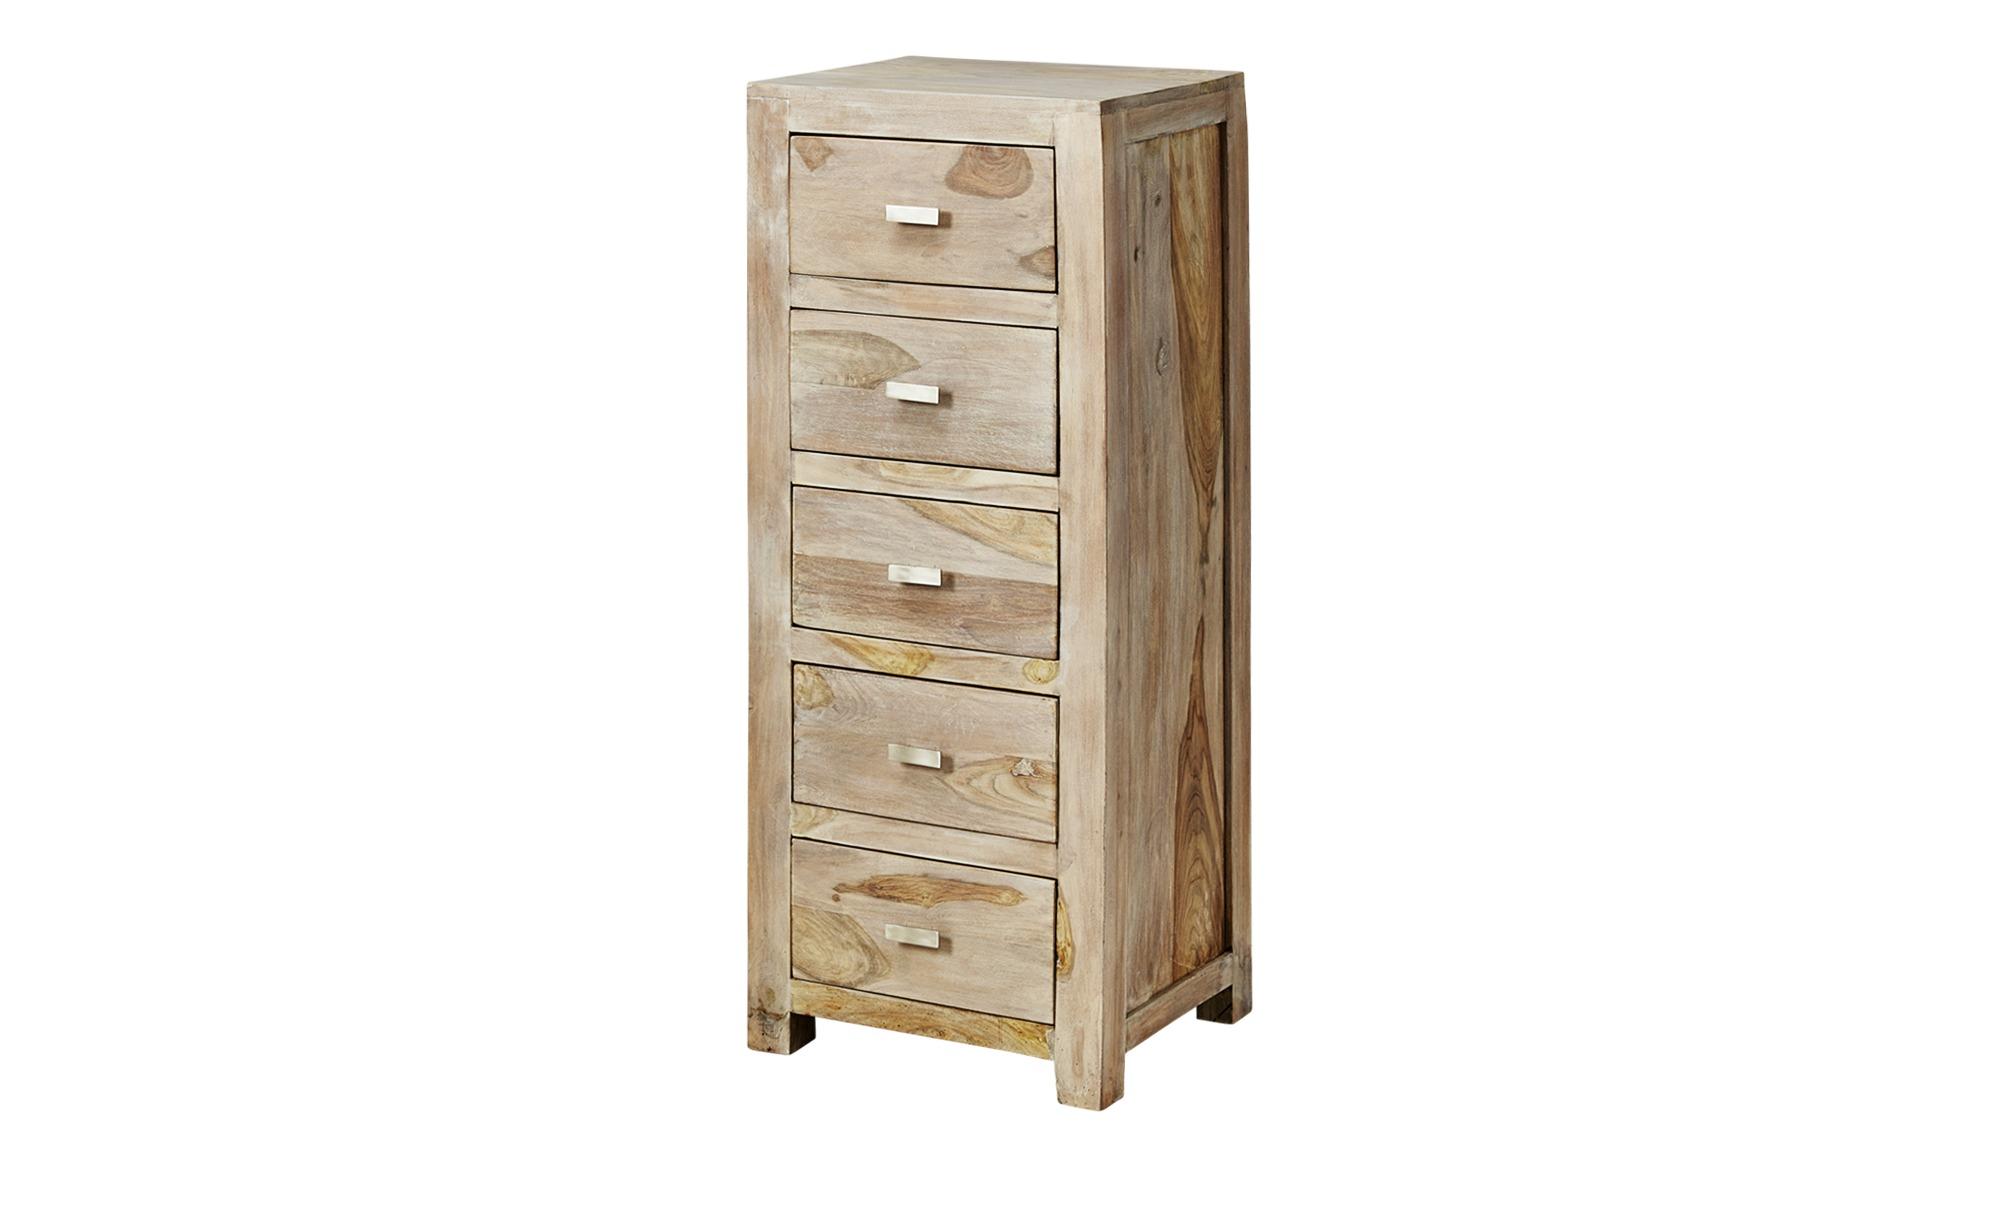 kommode casablanca breite 46 cm h he 120 cm holzfarben online kaufen bei woonio. Black Bedroom Furniture Sets. Home Design Ideas